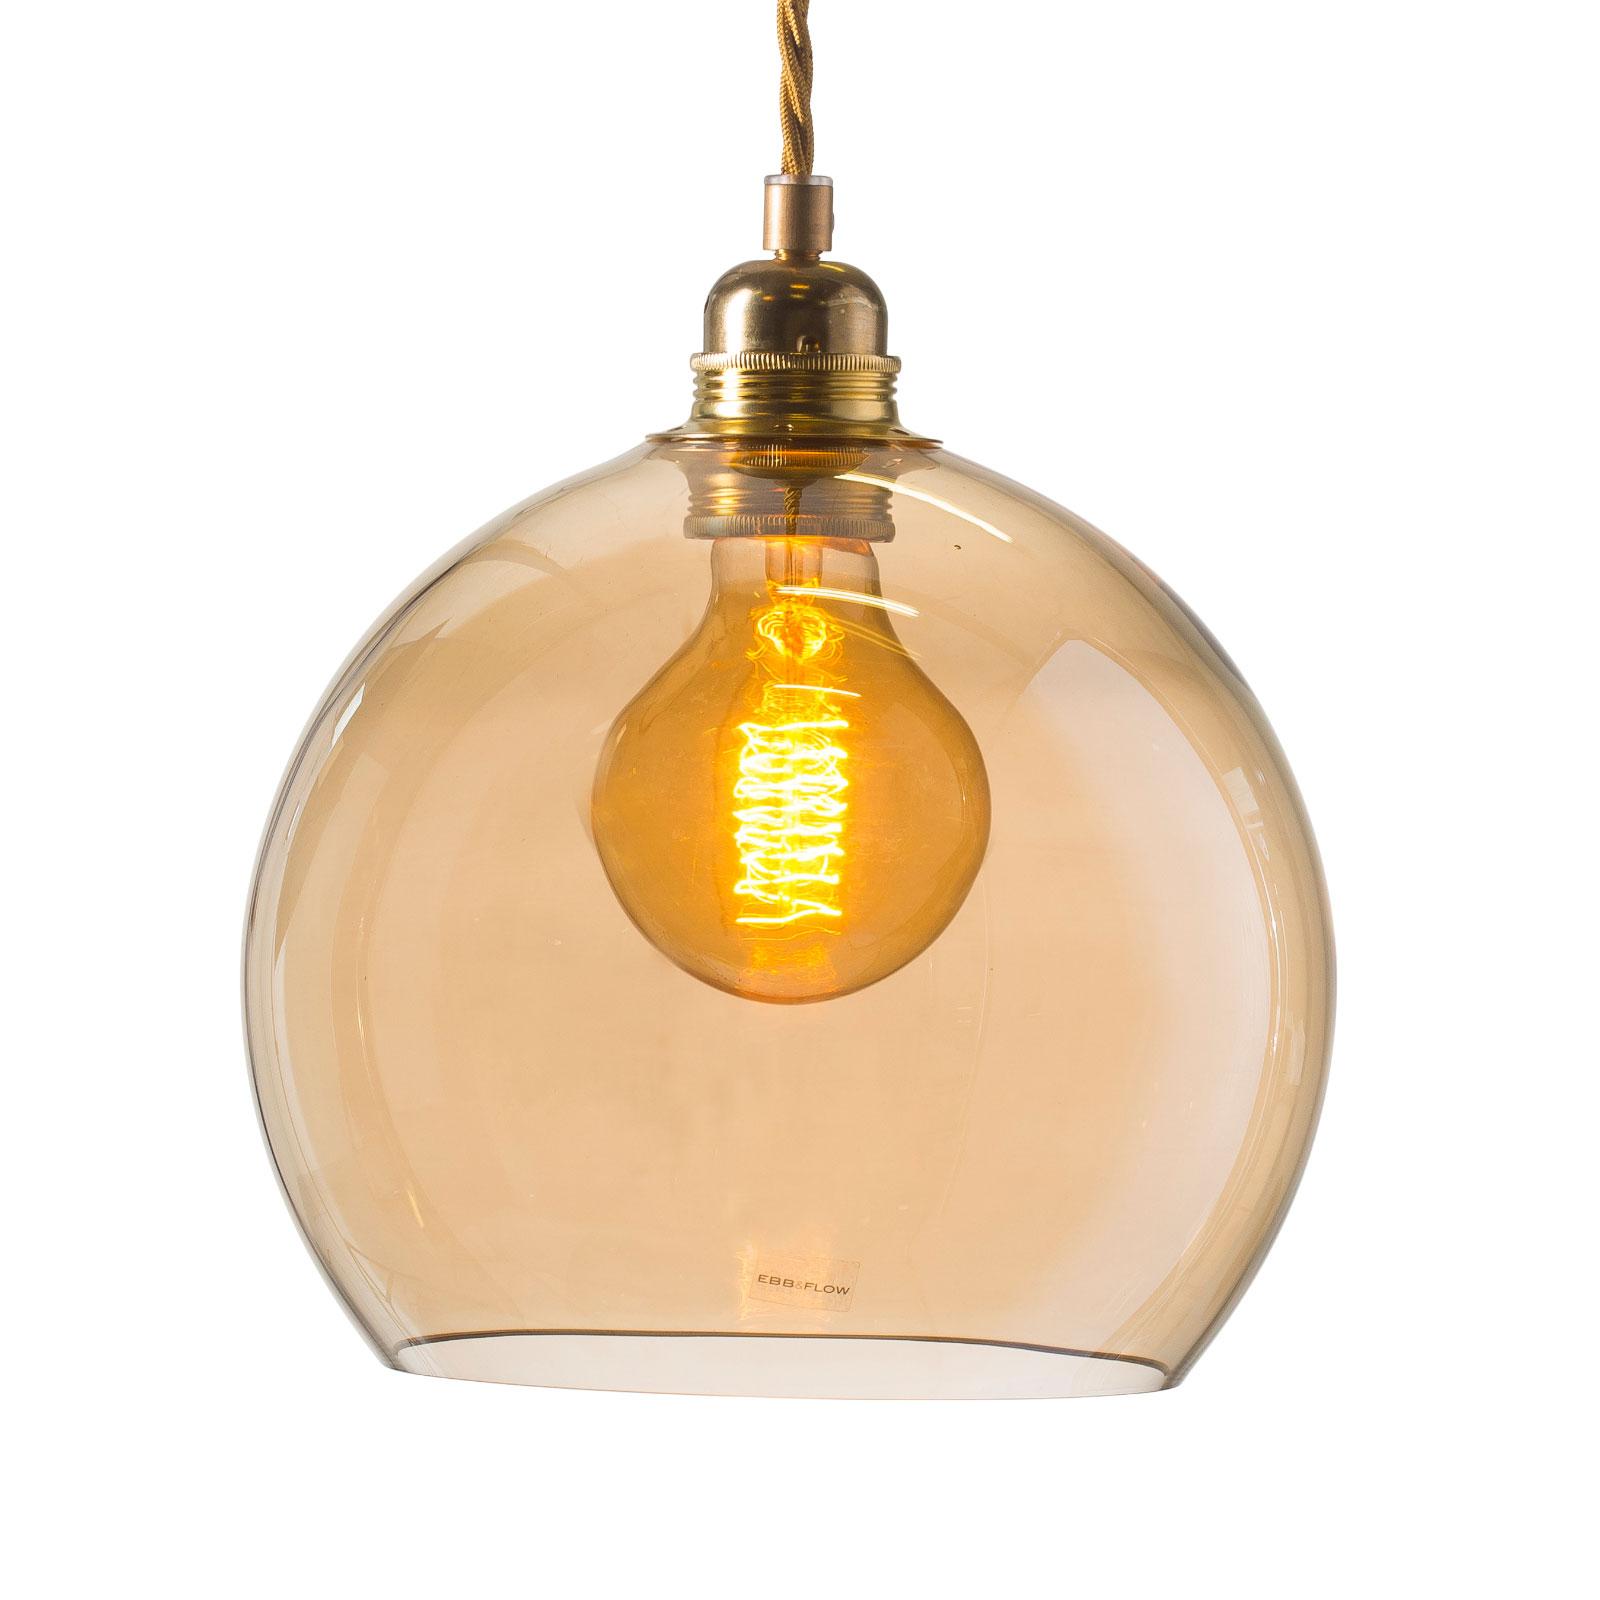 EBB & FLOW Rowan závěsné světlo zlatá/kouř Ø 22cm